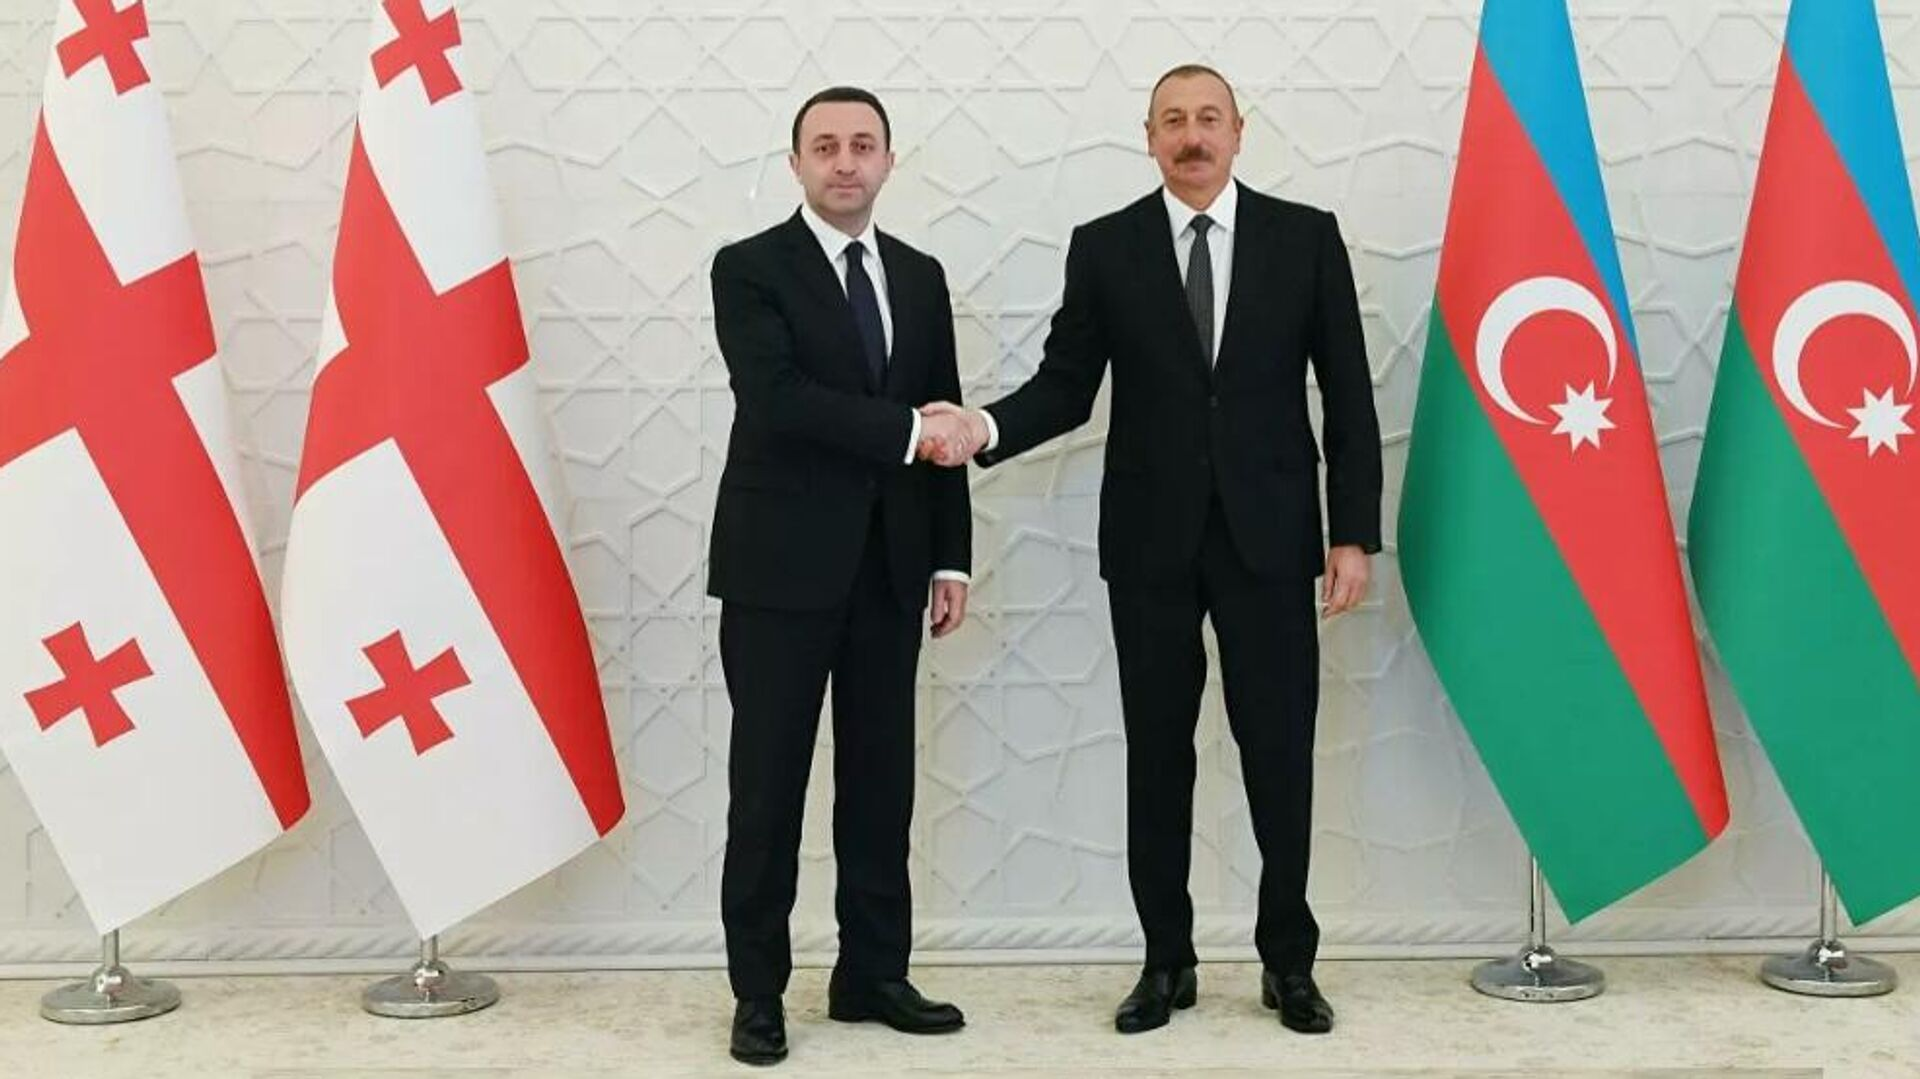 Президент Азербайджана Ильхам Алиев и премьер-министр Грузии Ираклий Гарибашвили - Sputnik Грузия, 1920, 29.09.2021